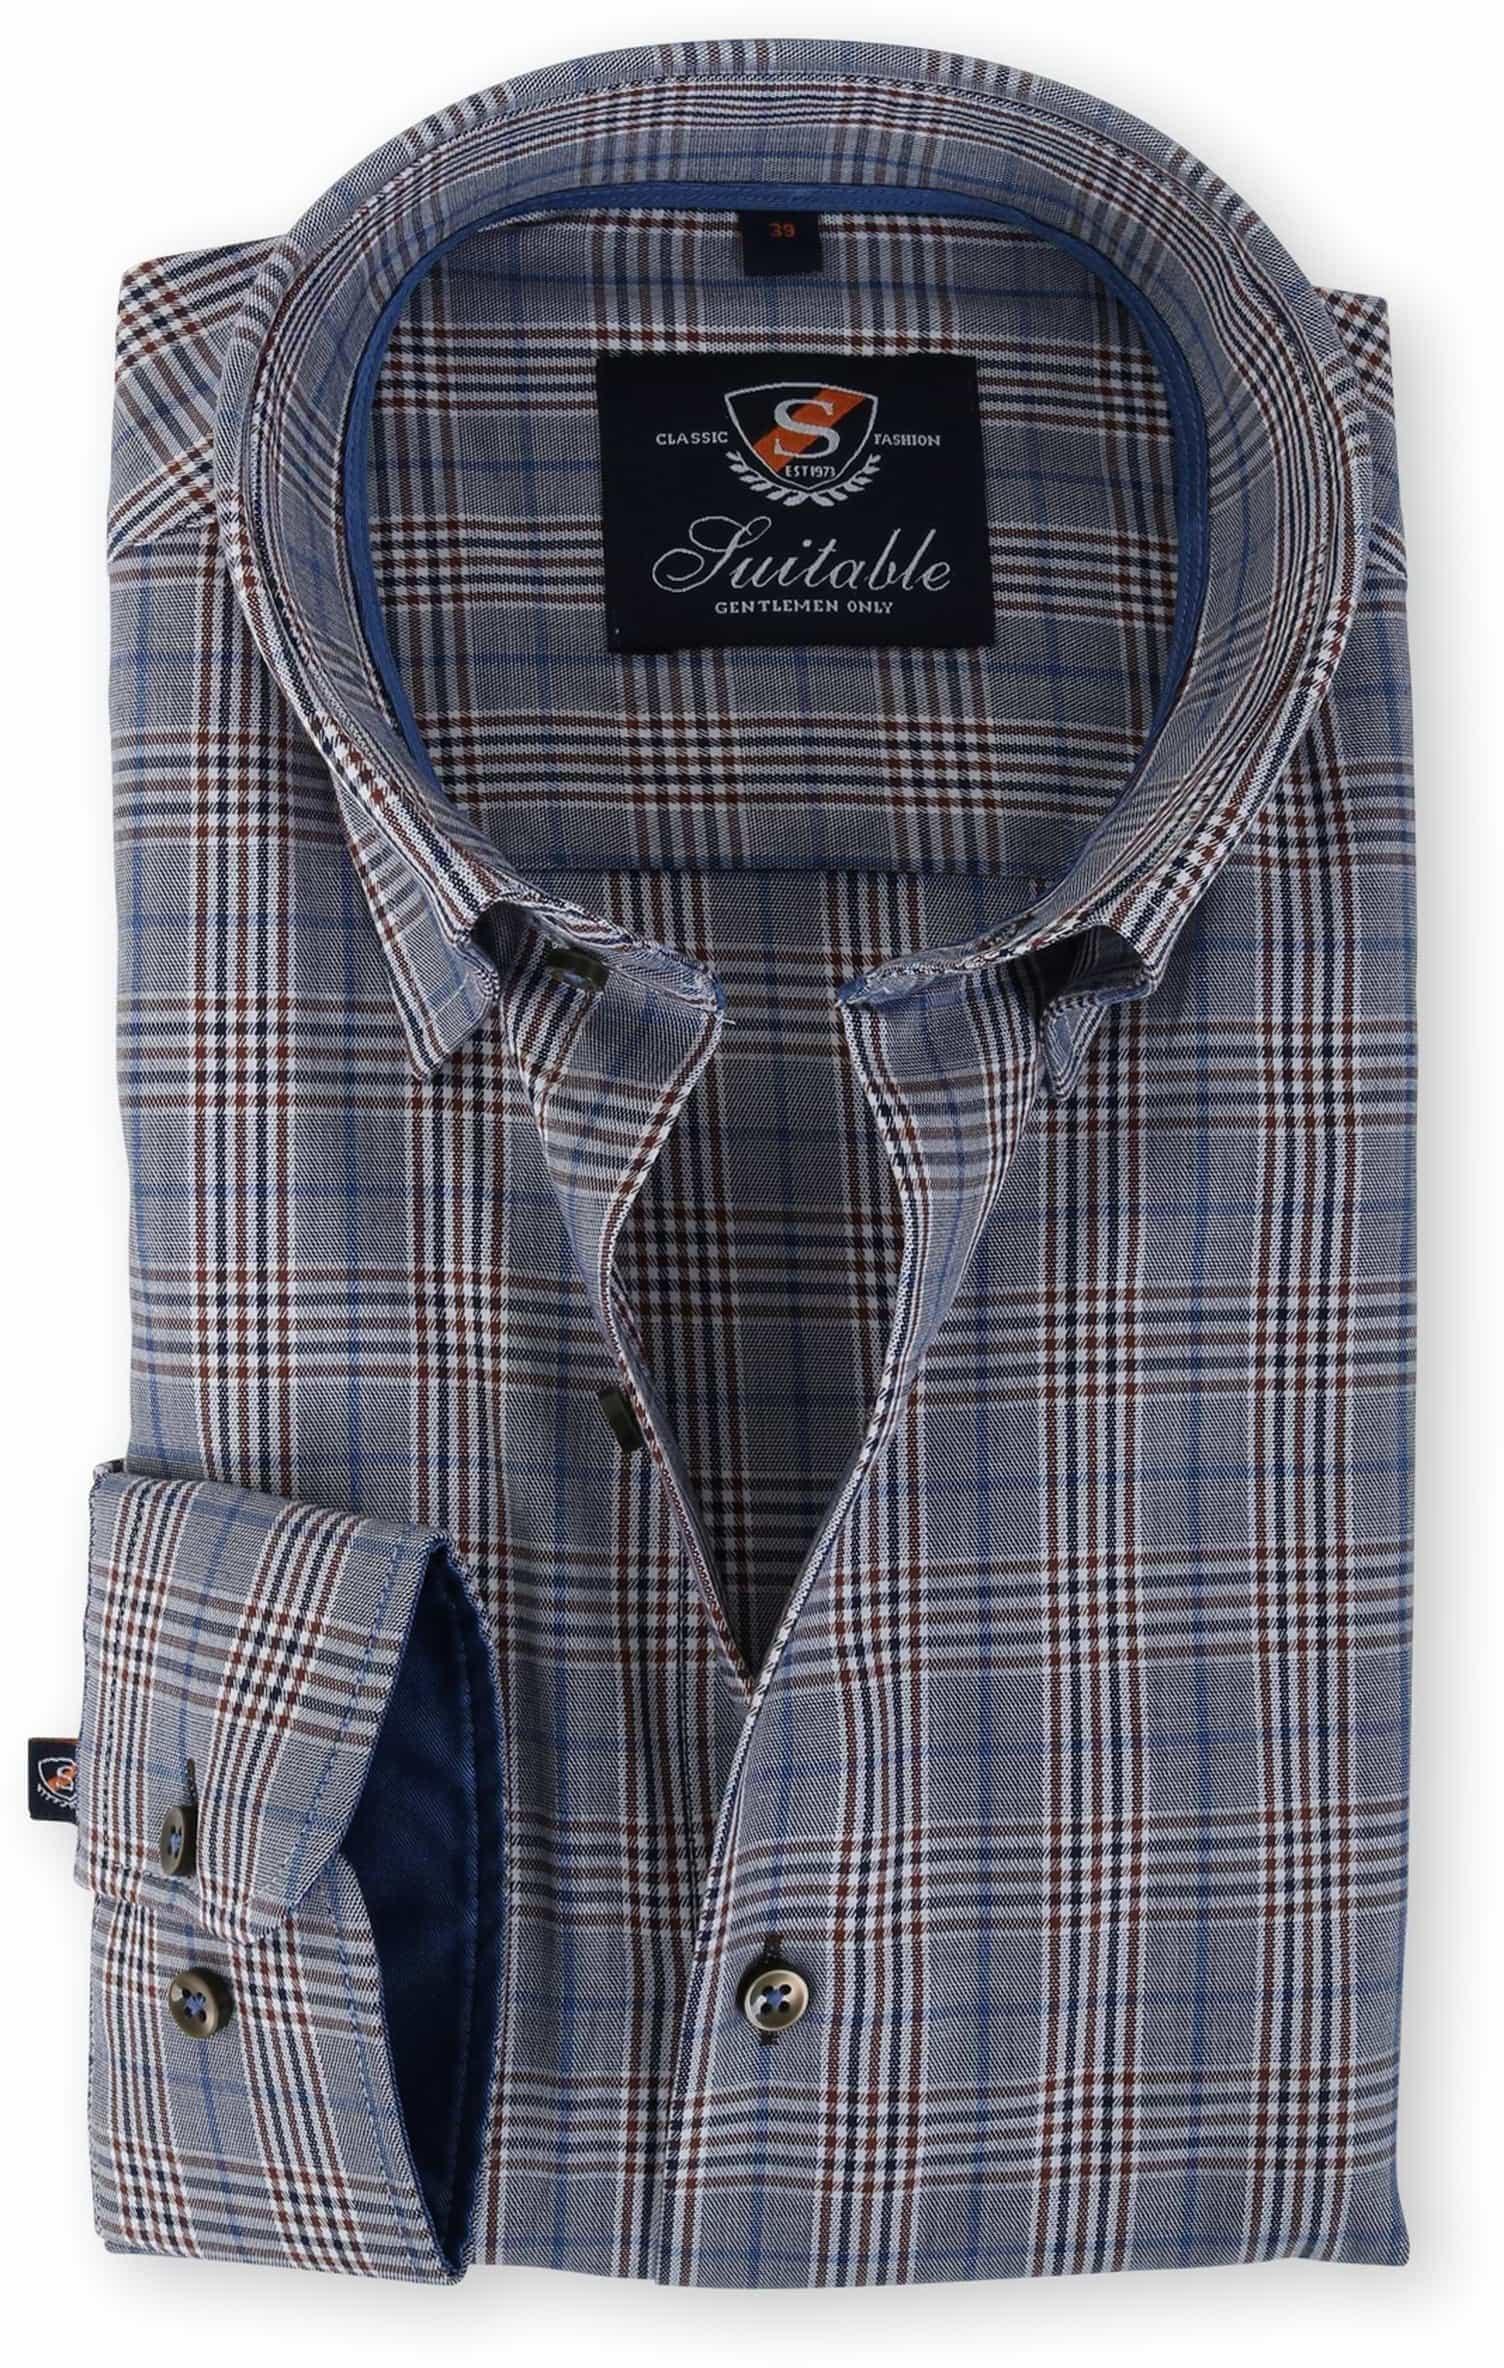 Suitable Overhemd Blauw Ruit 133-6 foto 0